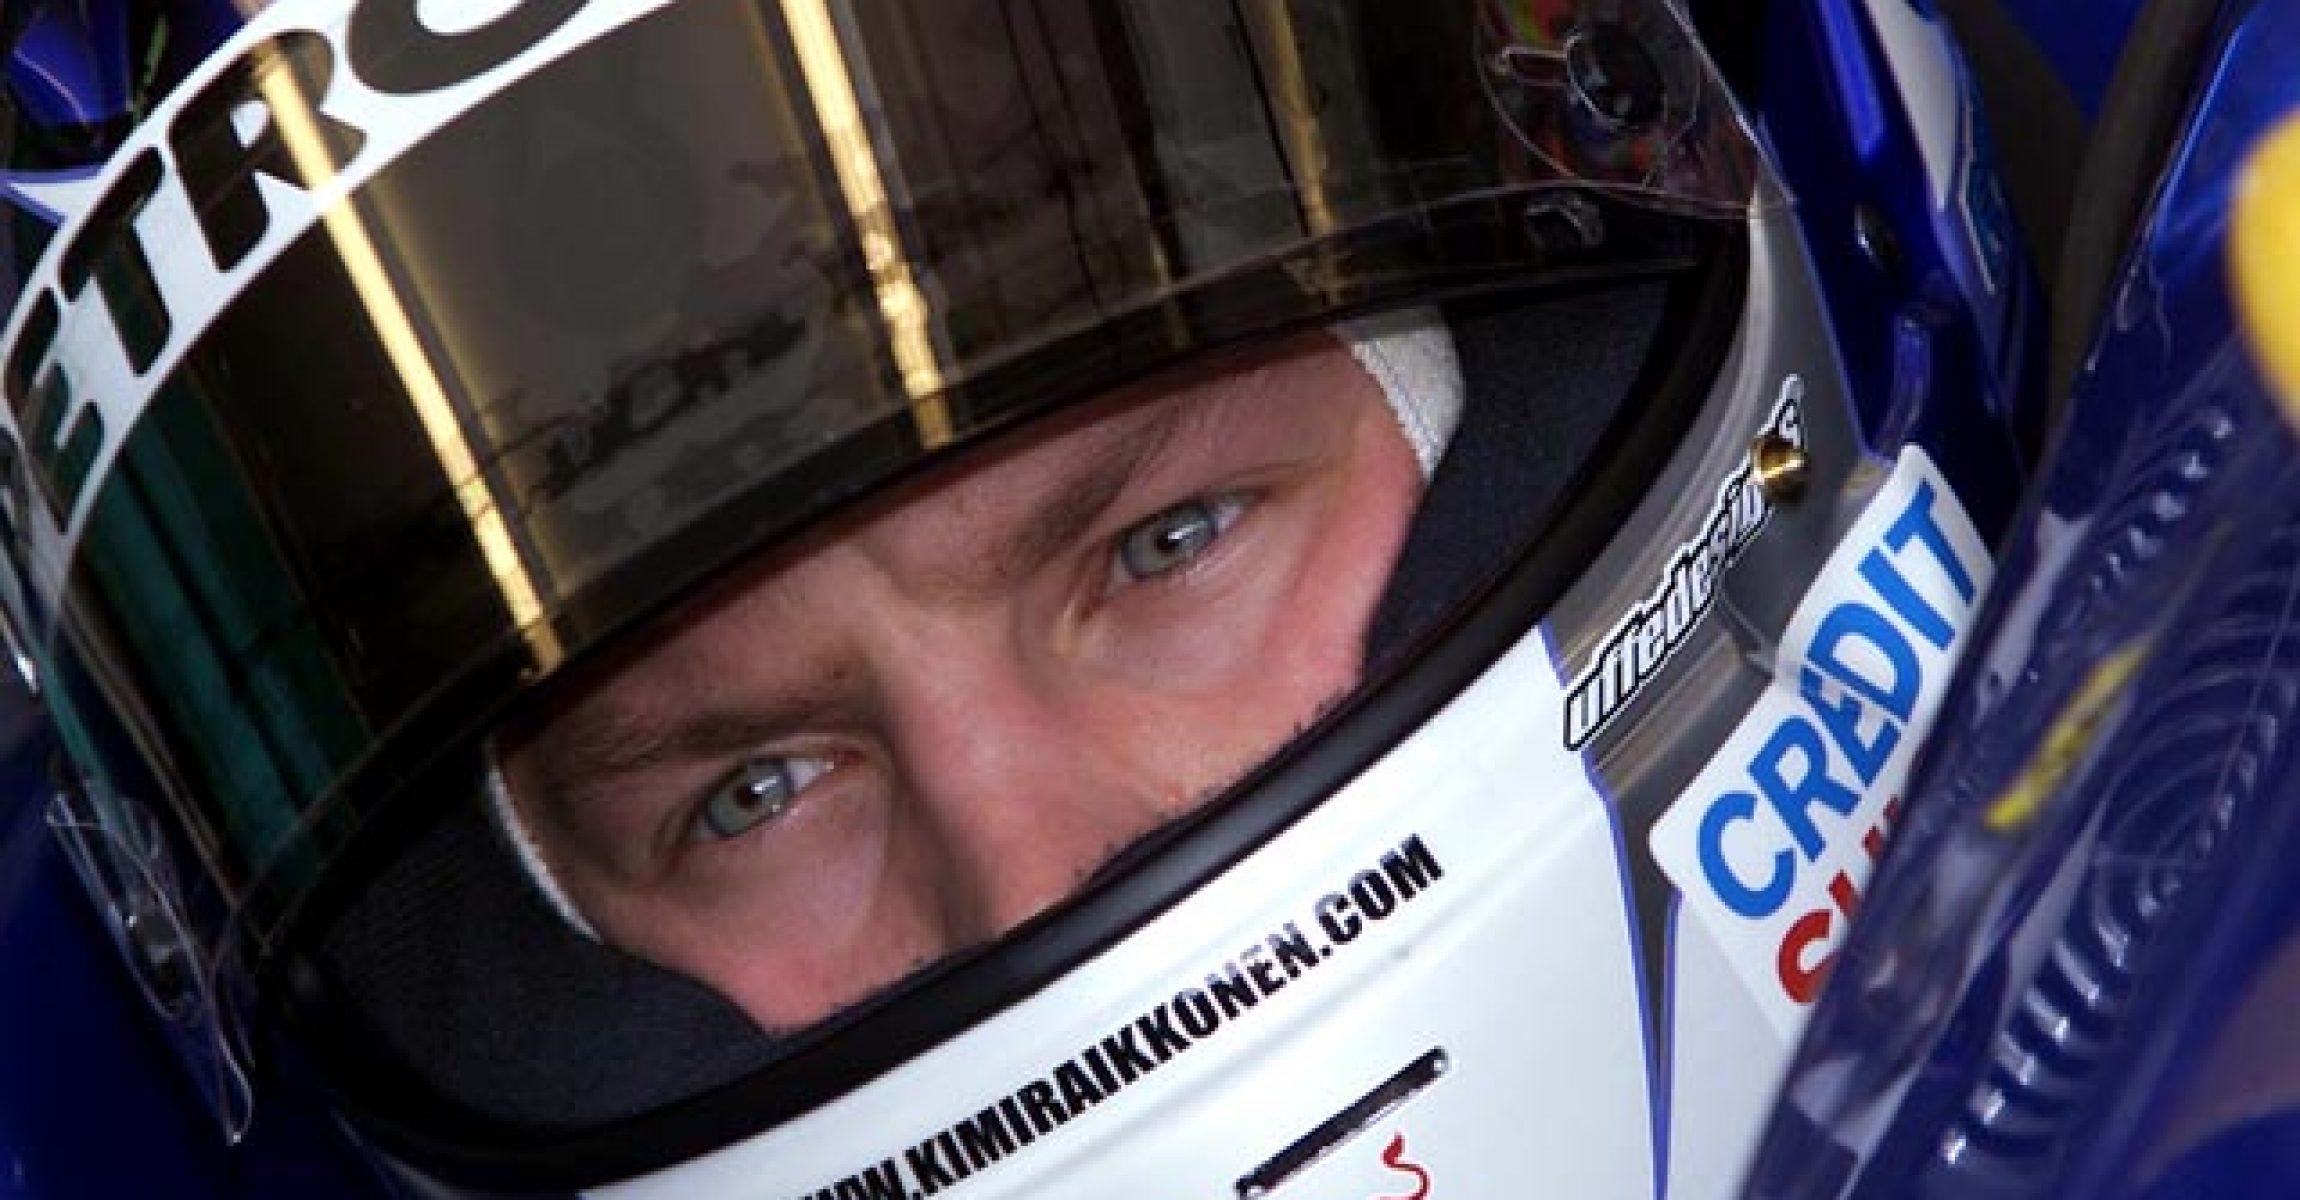 Kimi Räikkönen, 2001, Sauber